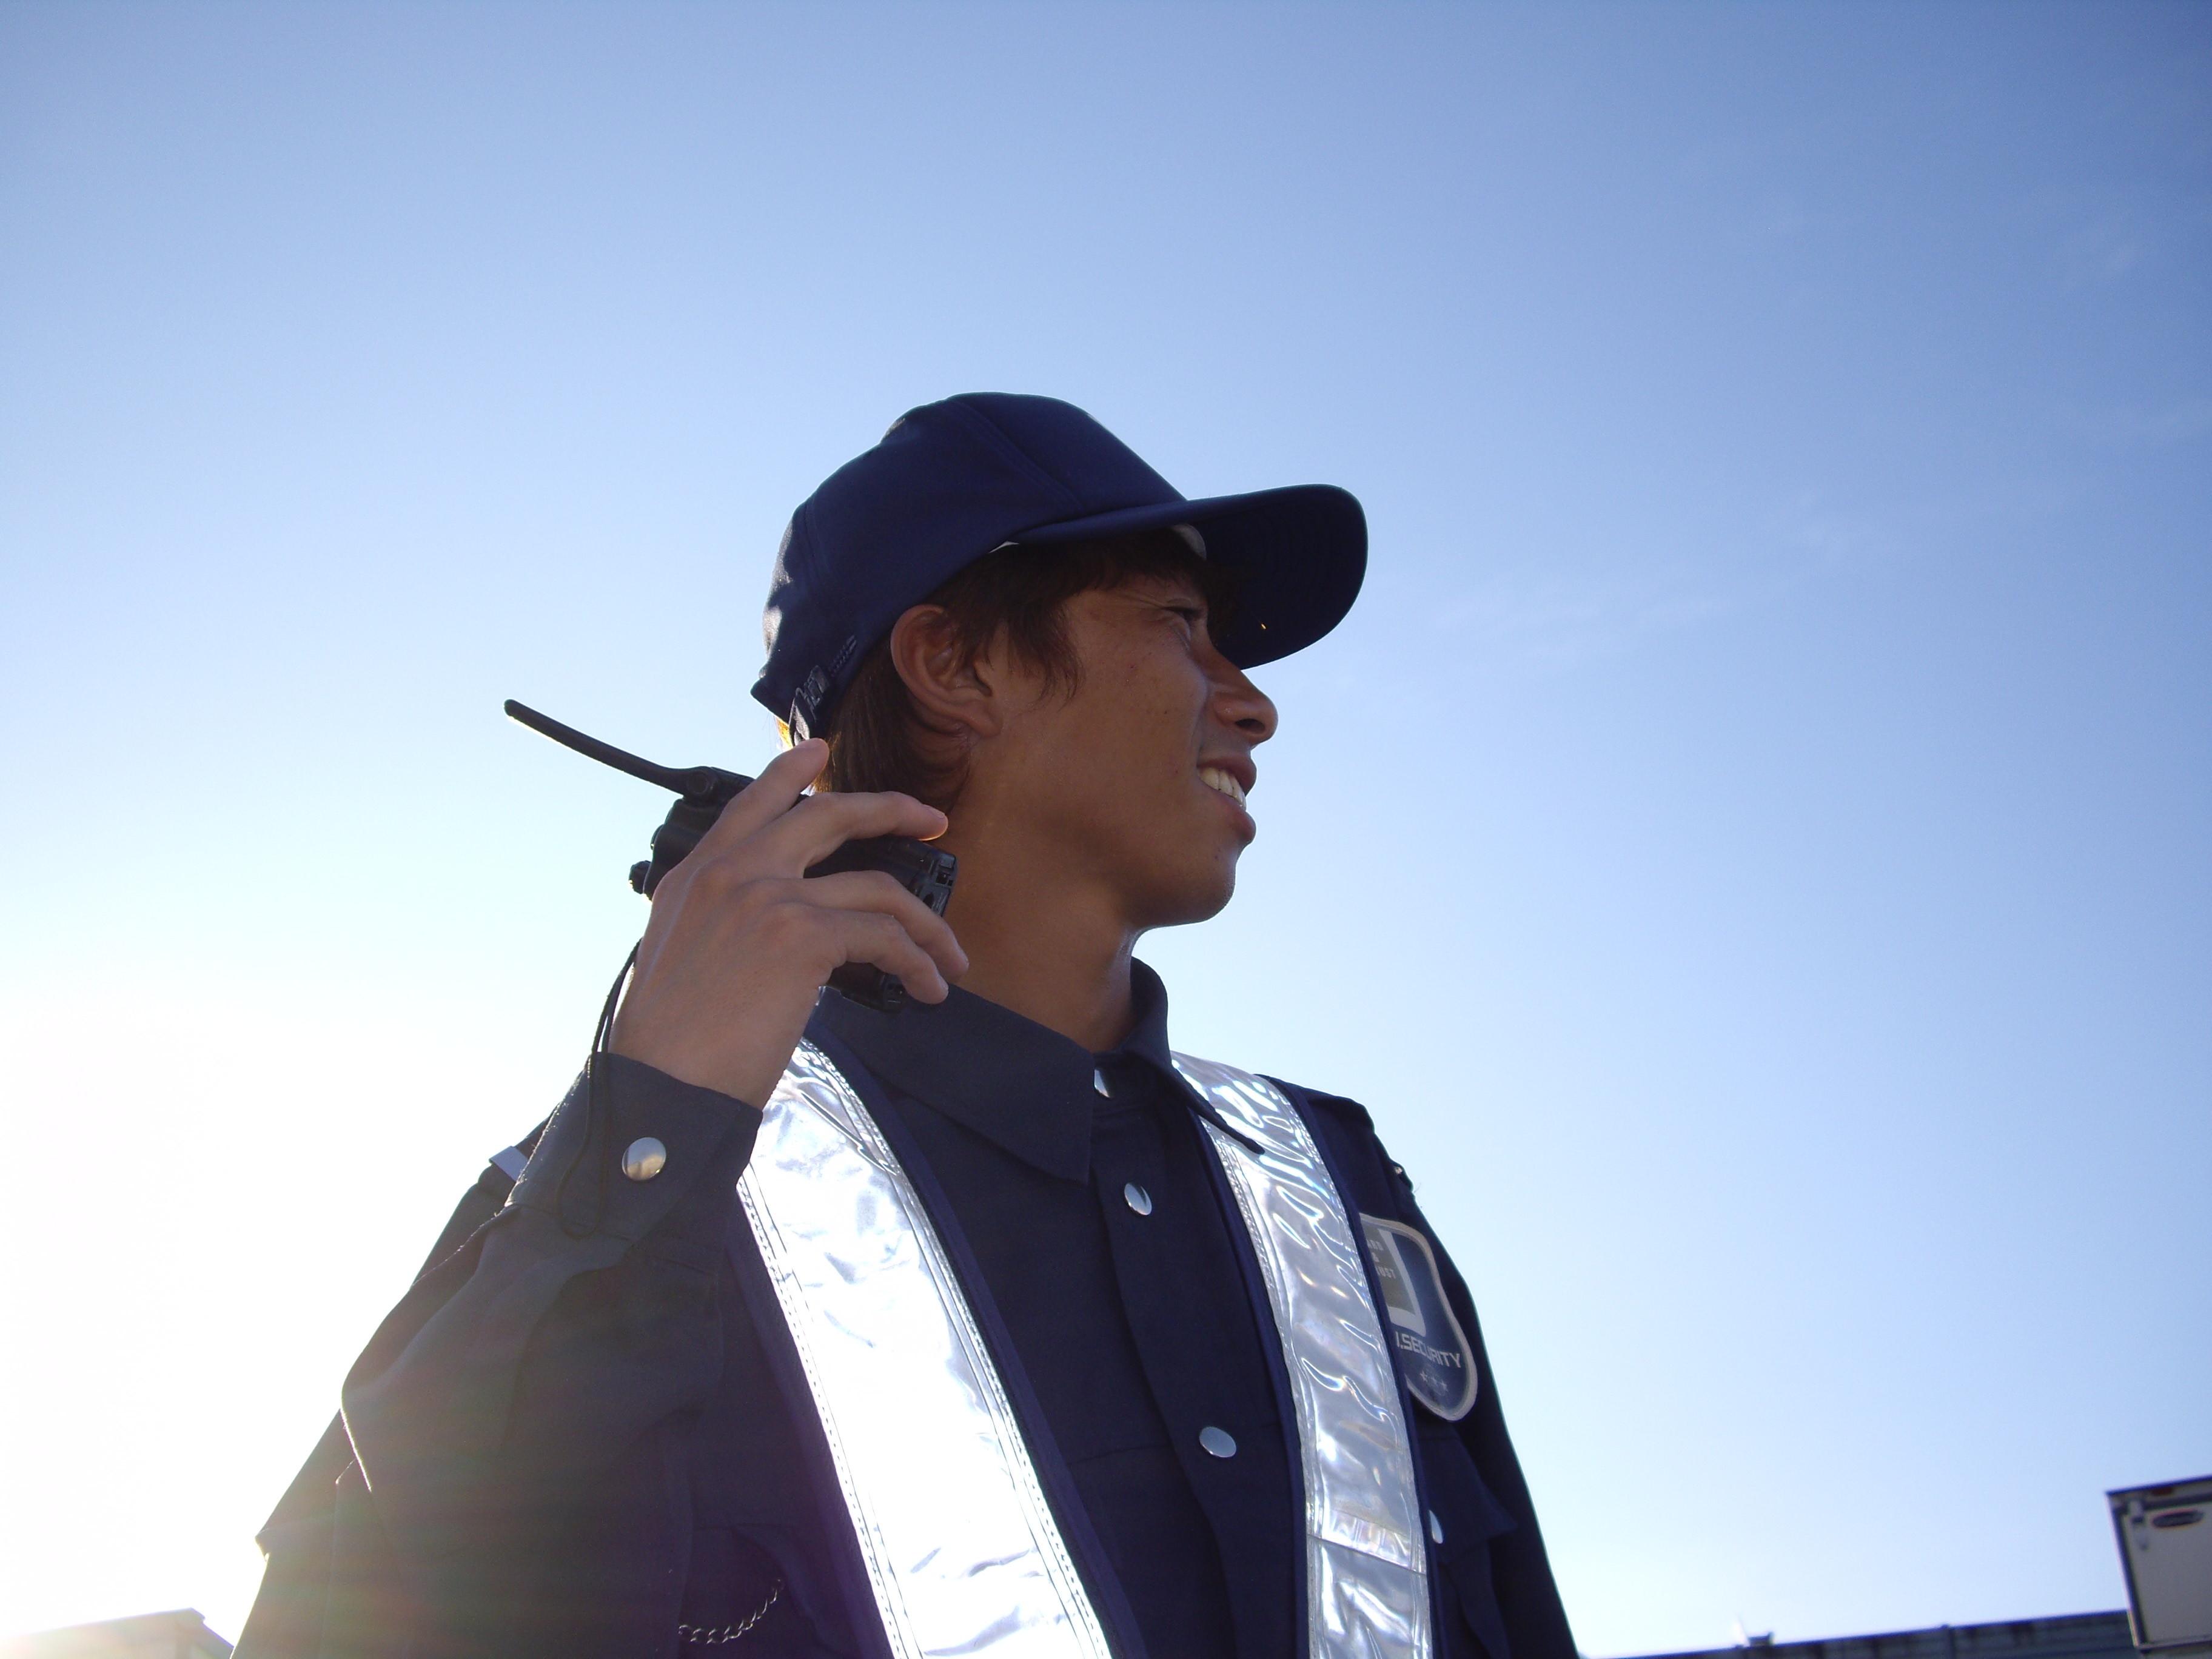 交通誘導スタッフ 阿賀野市エリア 株式会社J.SECURITYのアルバイト情報